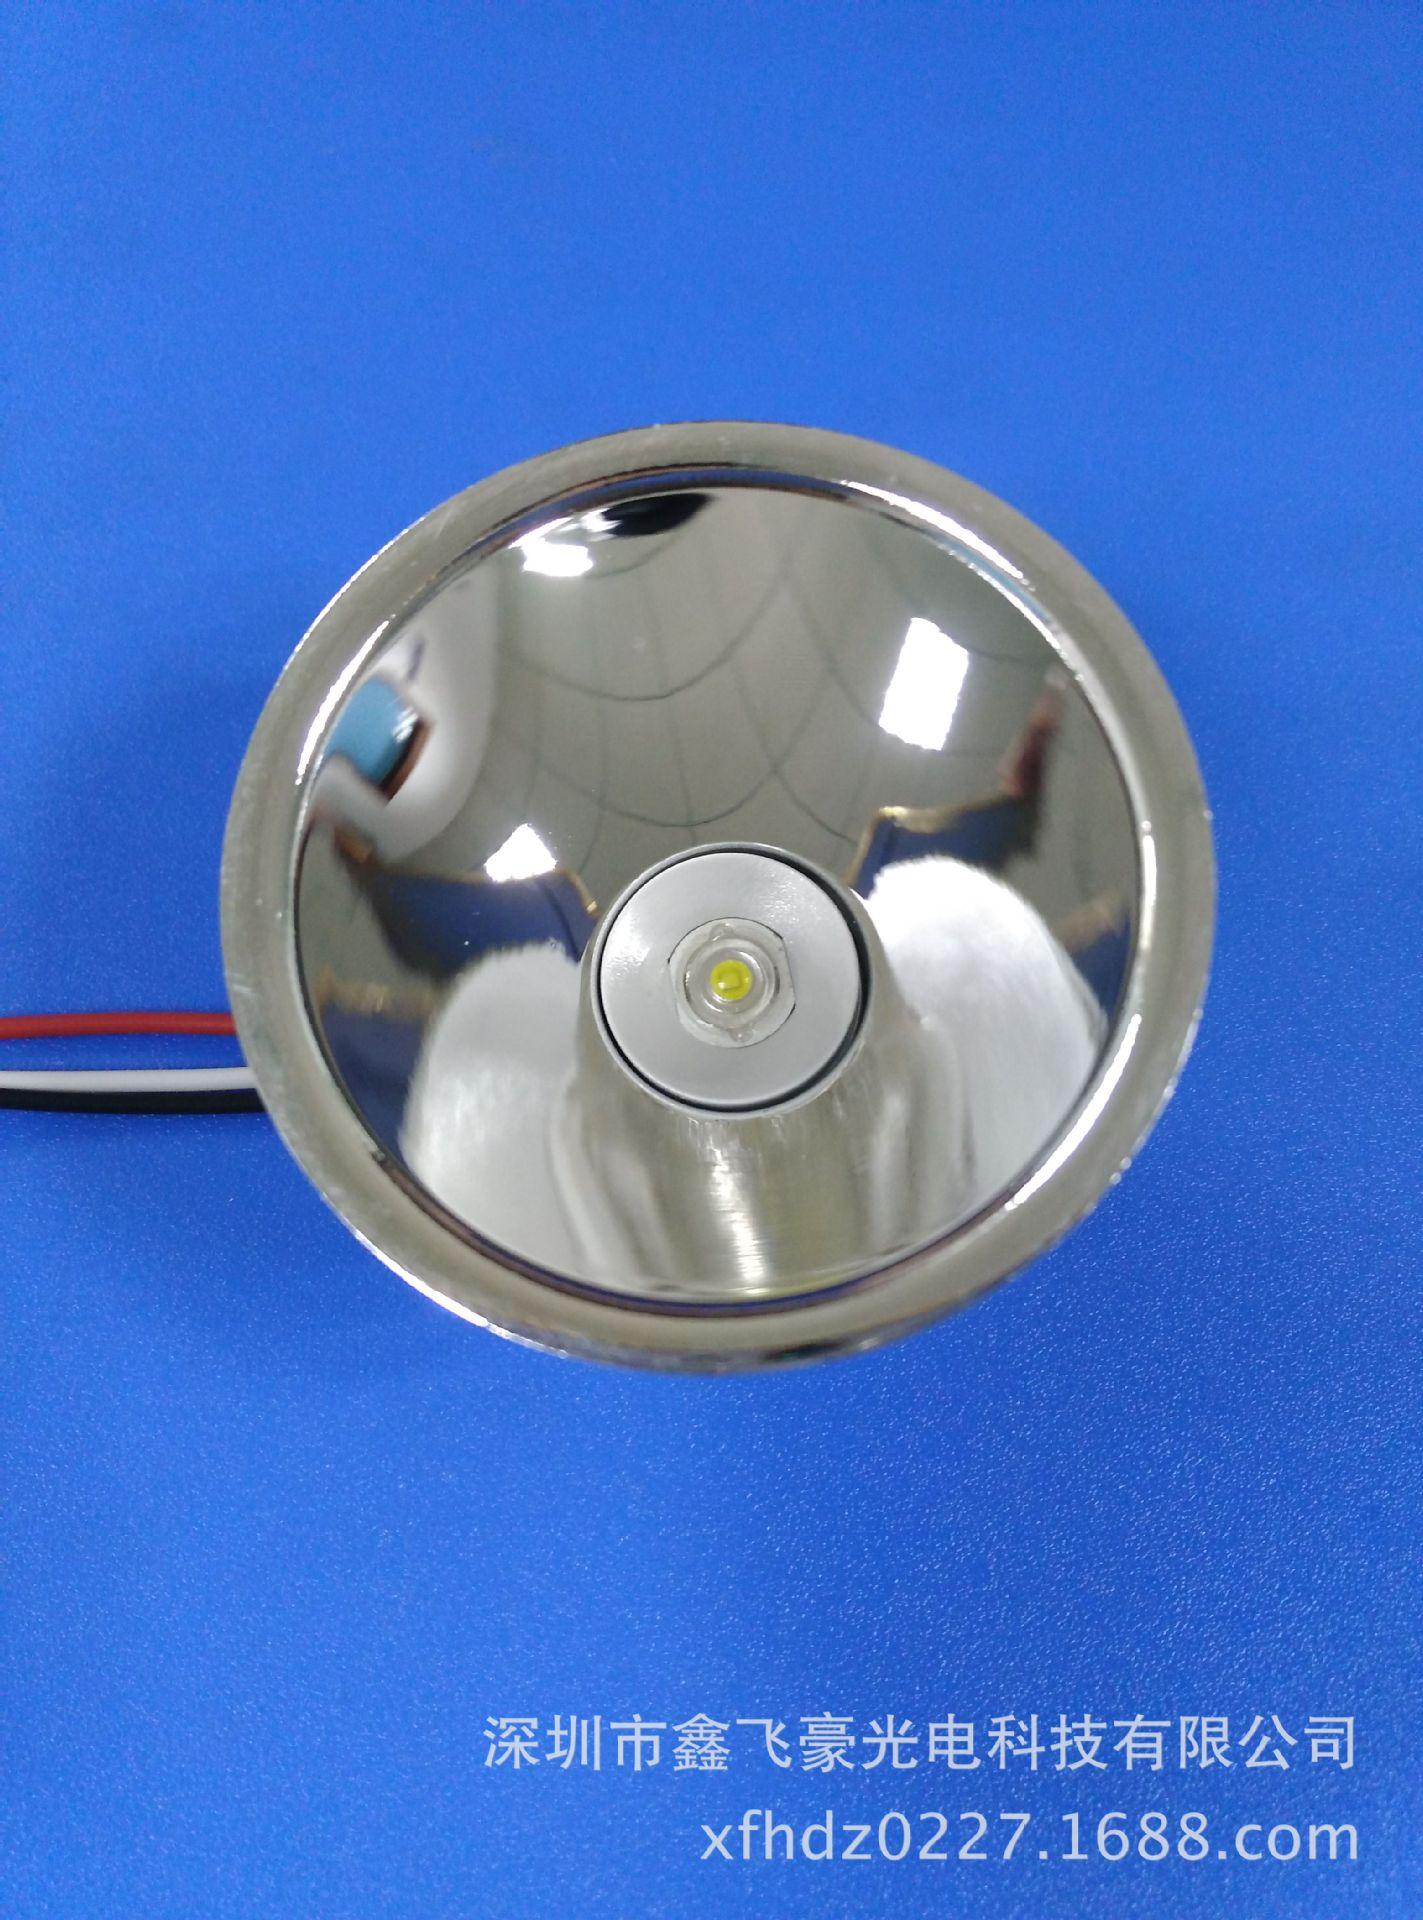 Nhà máy cung cấp trực tiếp 40 mét đèn cá đèn pha đèn pin nhôm chuyên nghiệp cốc ánh sáng phản xạ cup